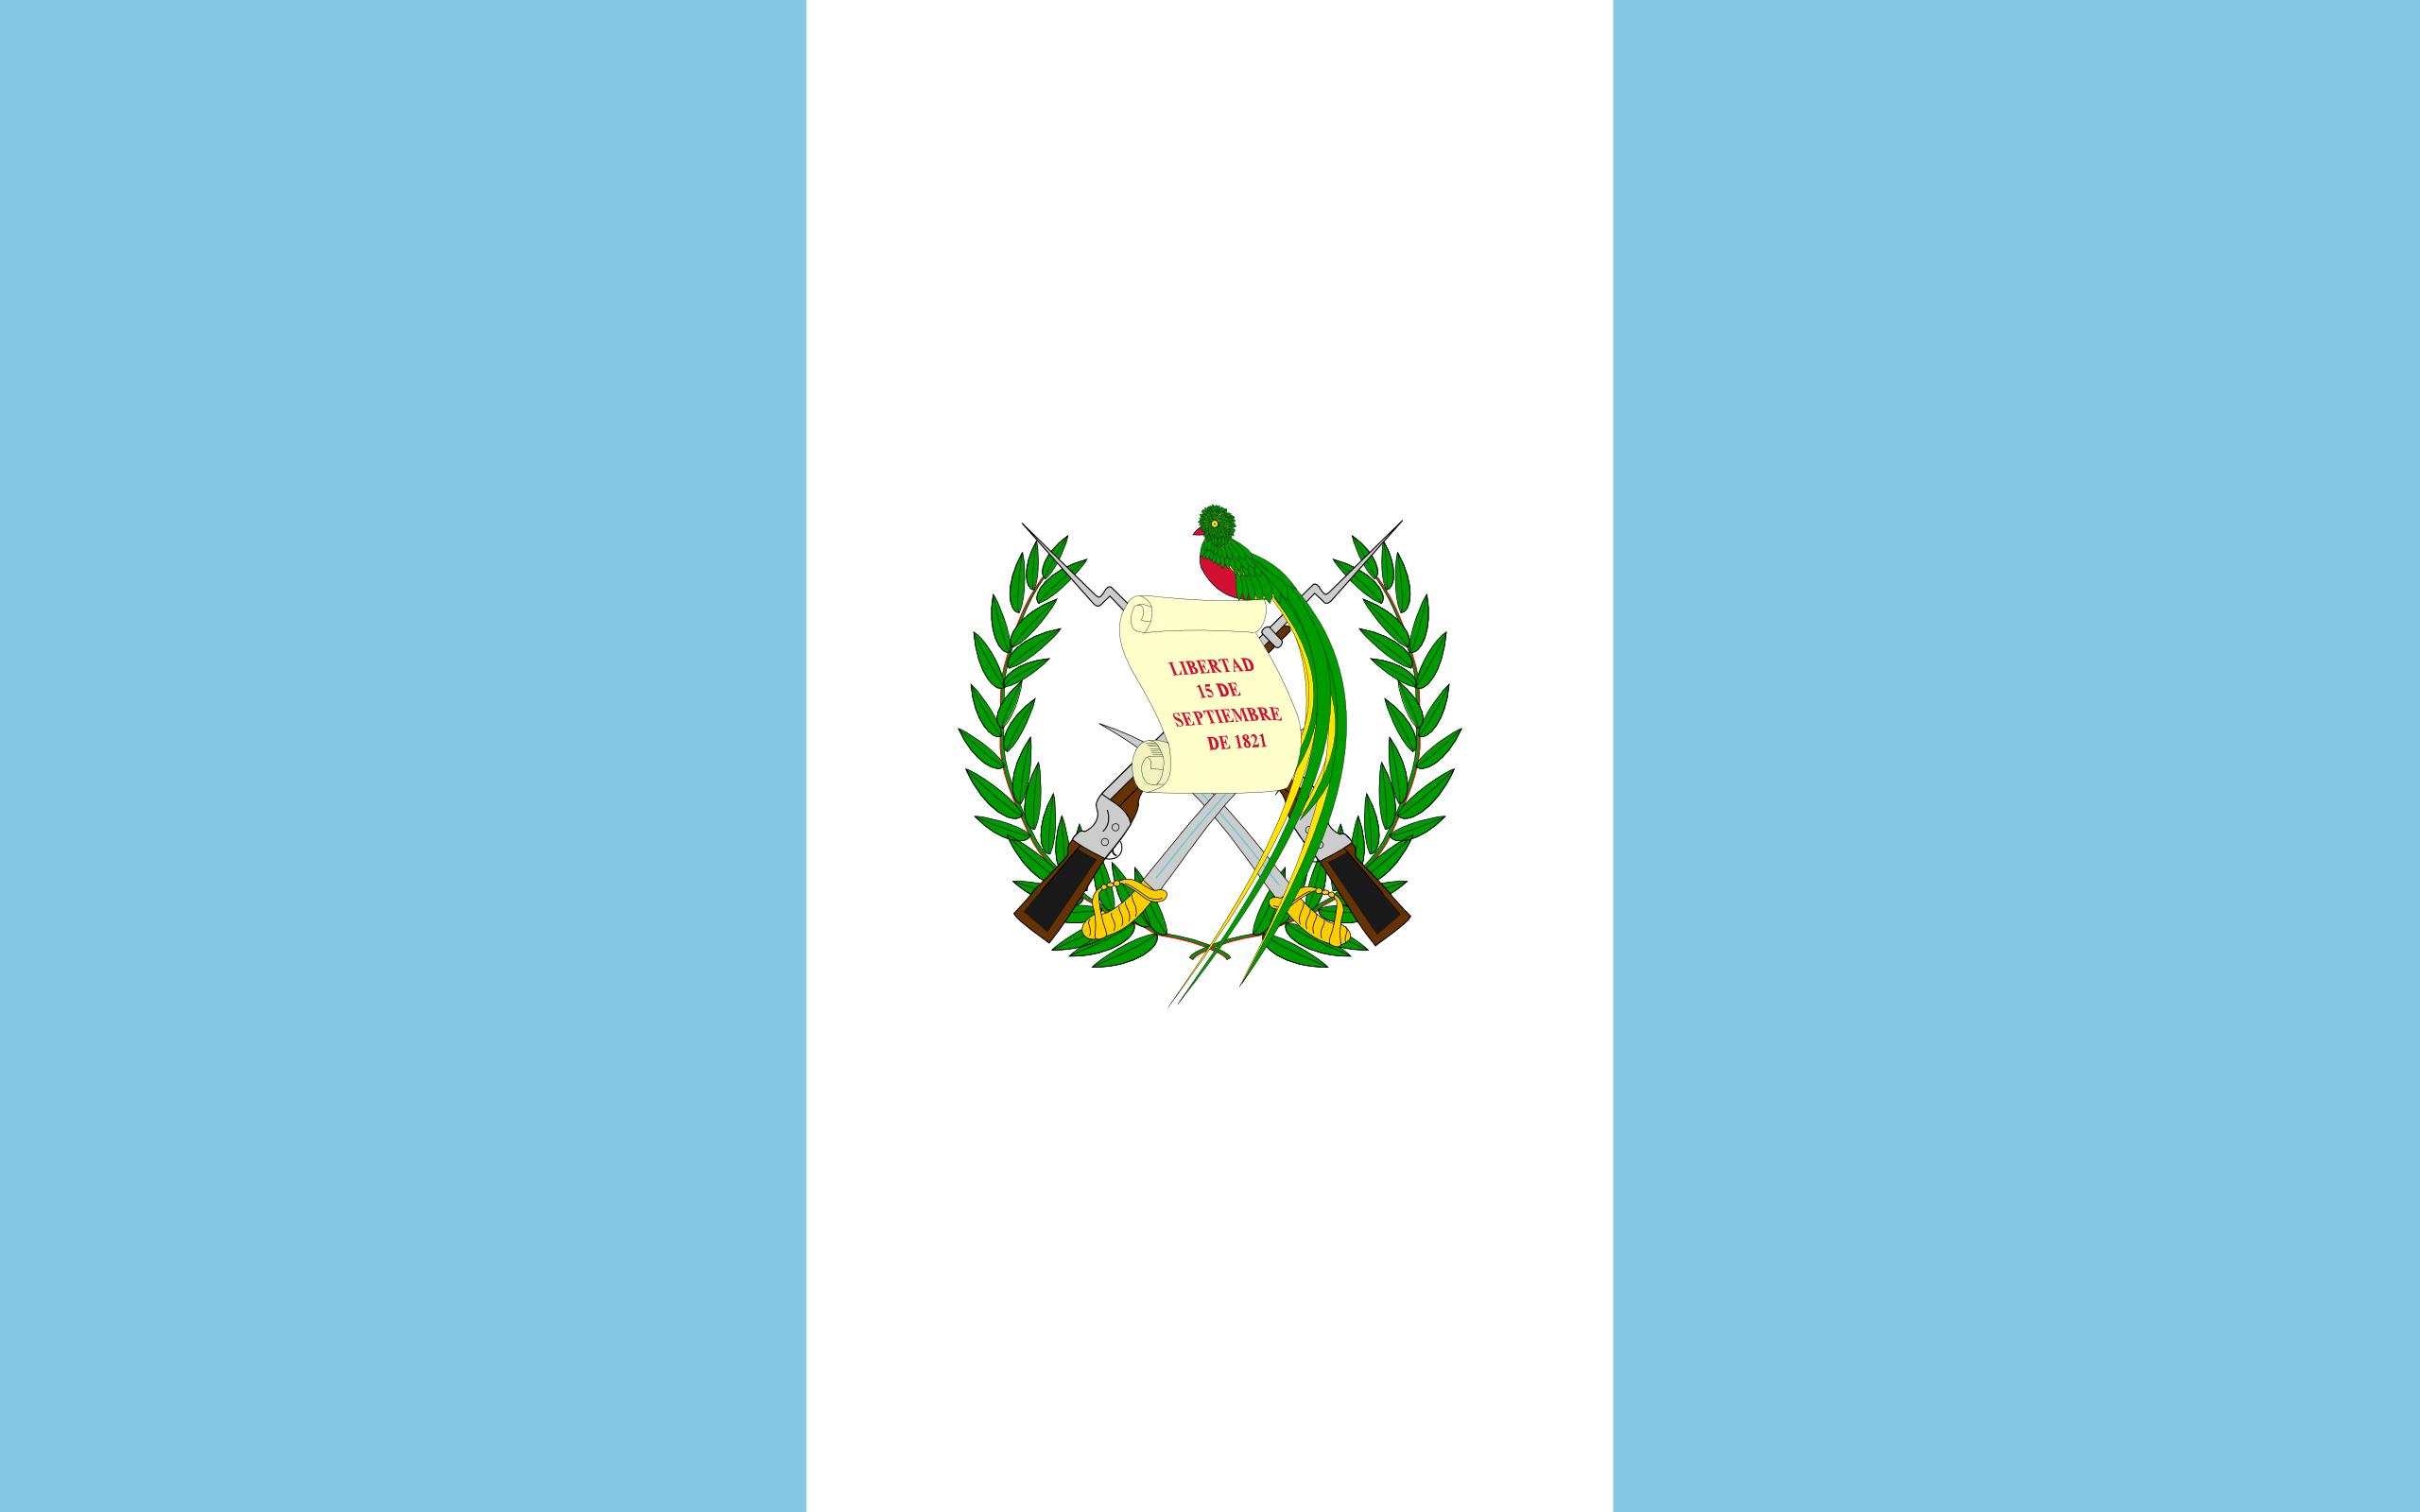 Guatemala, pays, emblème, logo, symbole - Fonds d'écran HD - Professor-falken.com